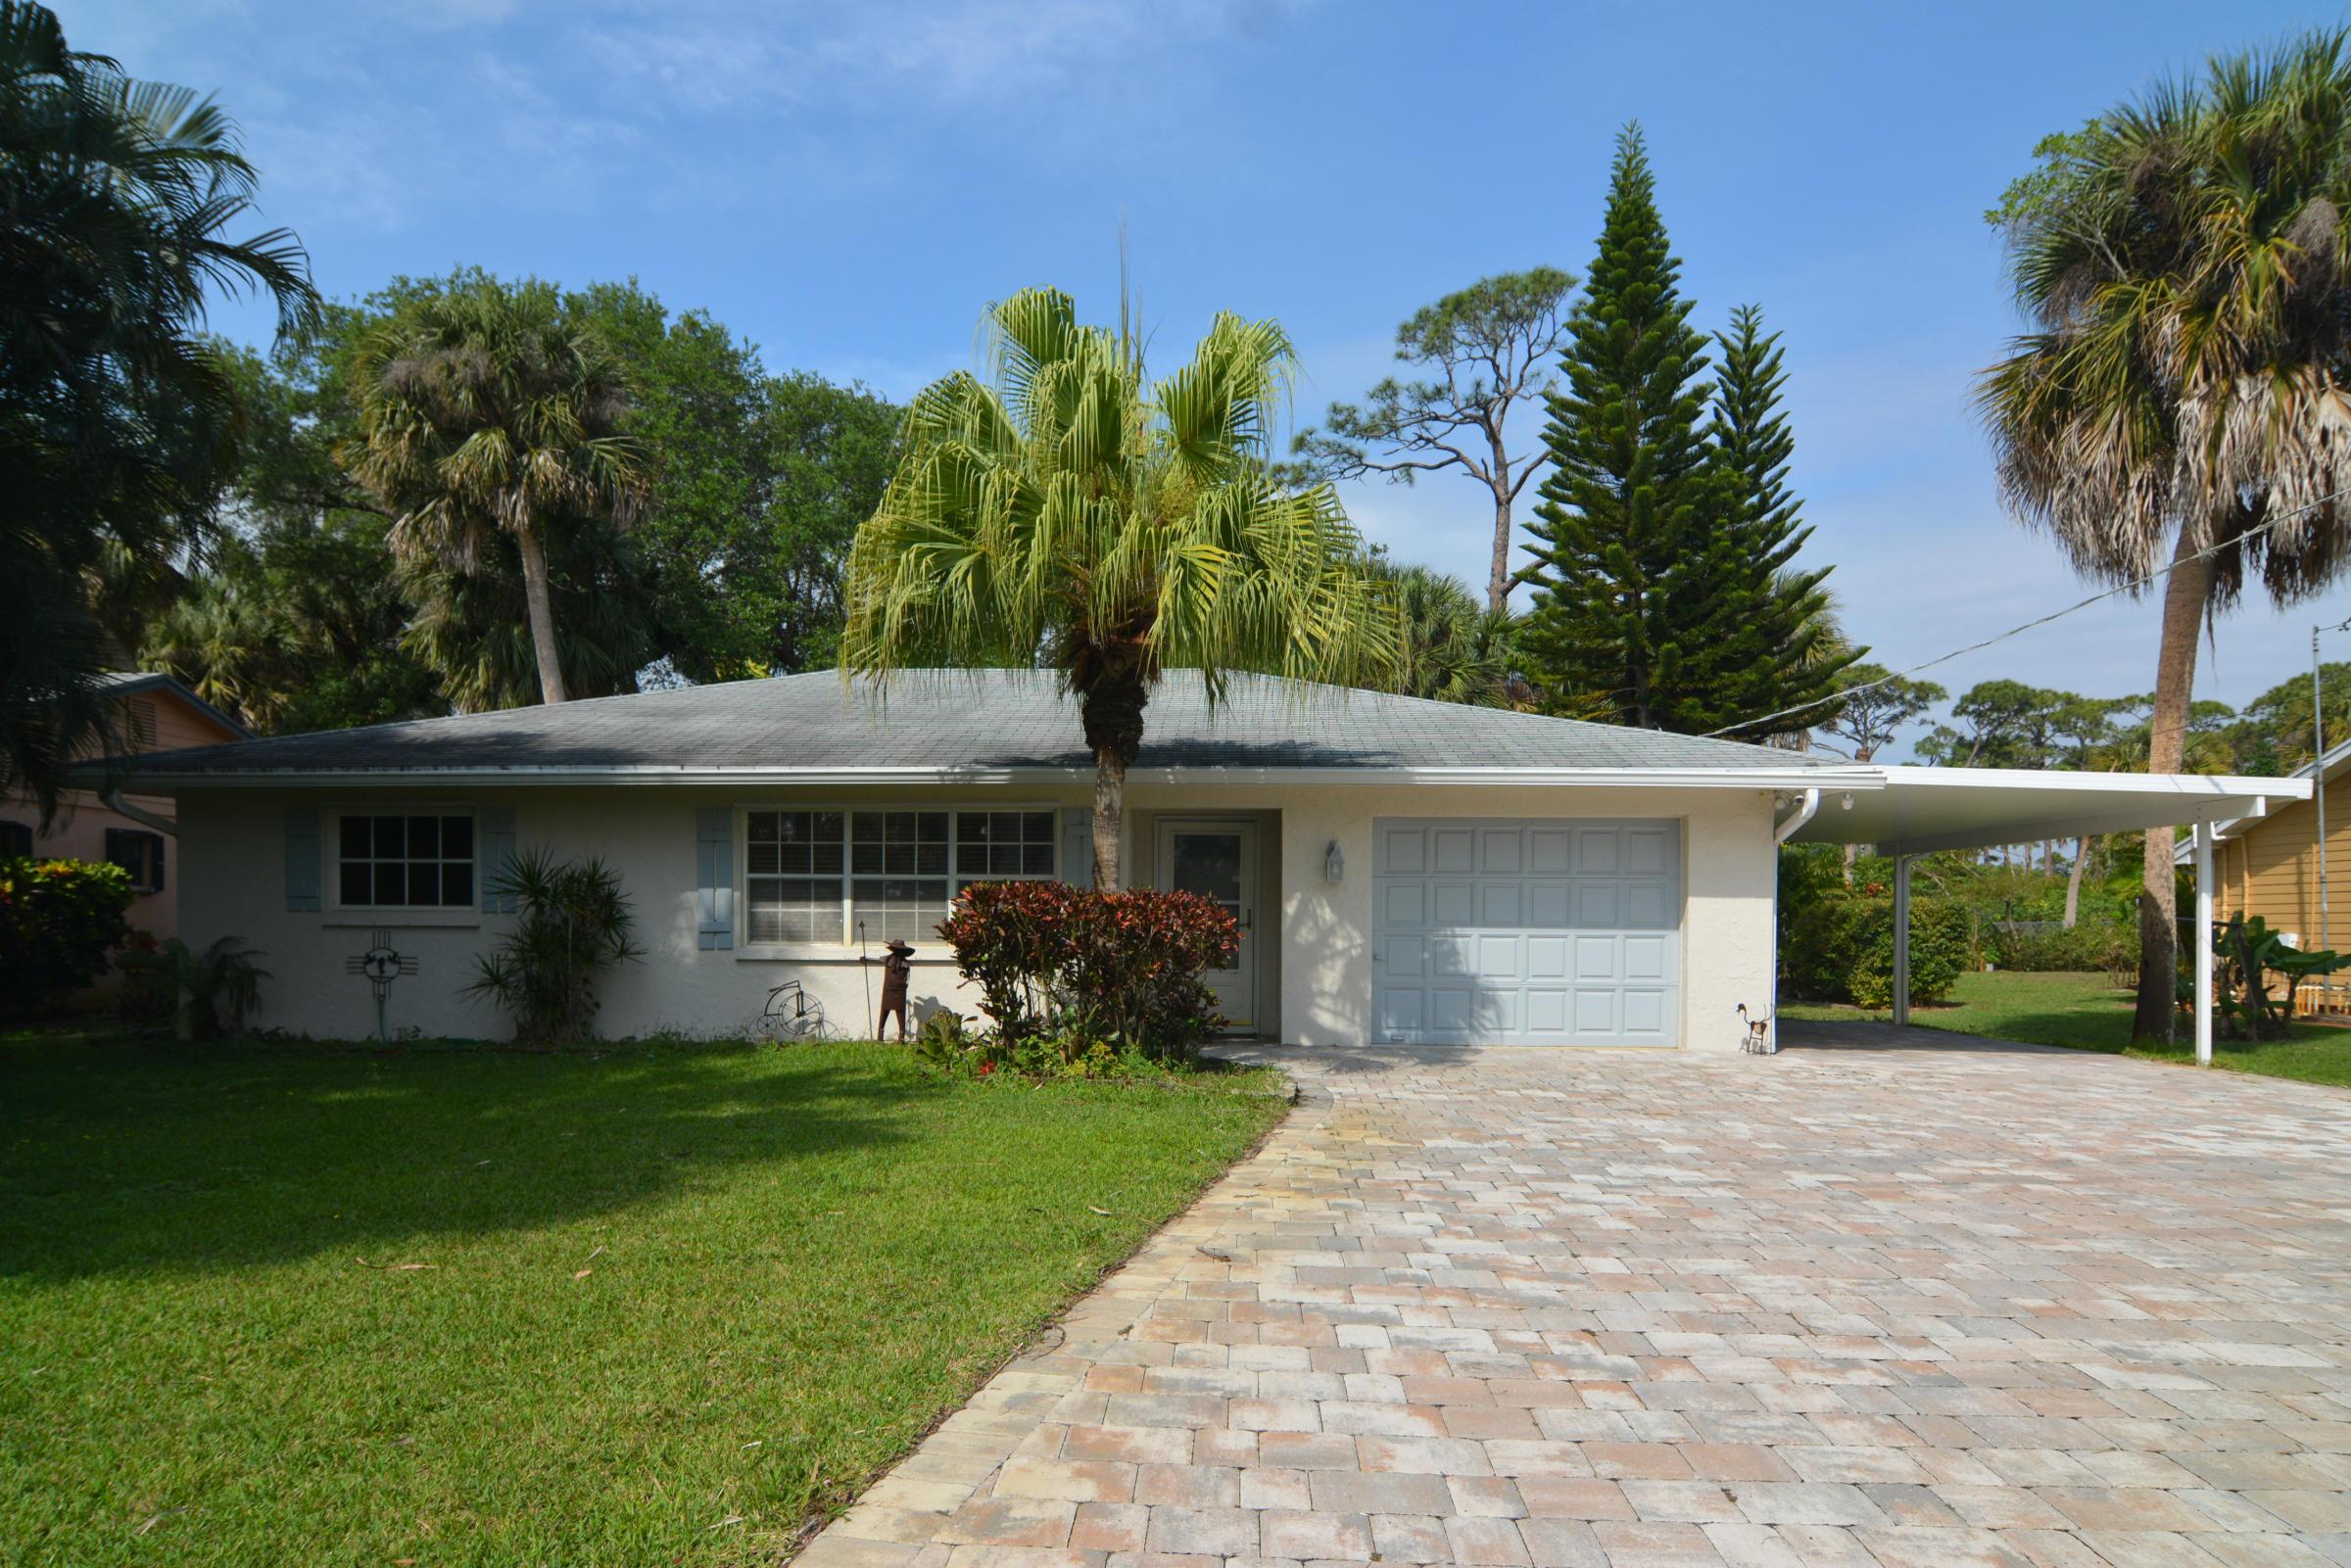 1136 Saint Lucie Boulevard, Stuart, Florida 34996, 3 Bedrooms Bedrooms, ,2 BathroomsBathrooms,A,Single family,Saint Lucie,RX-10519108